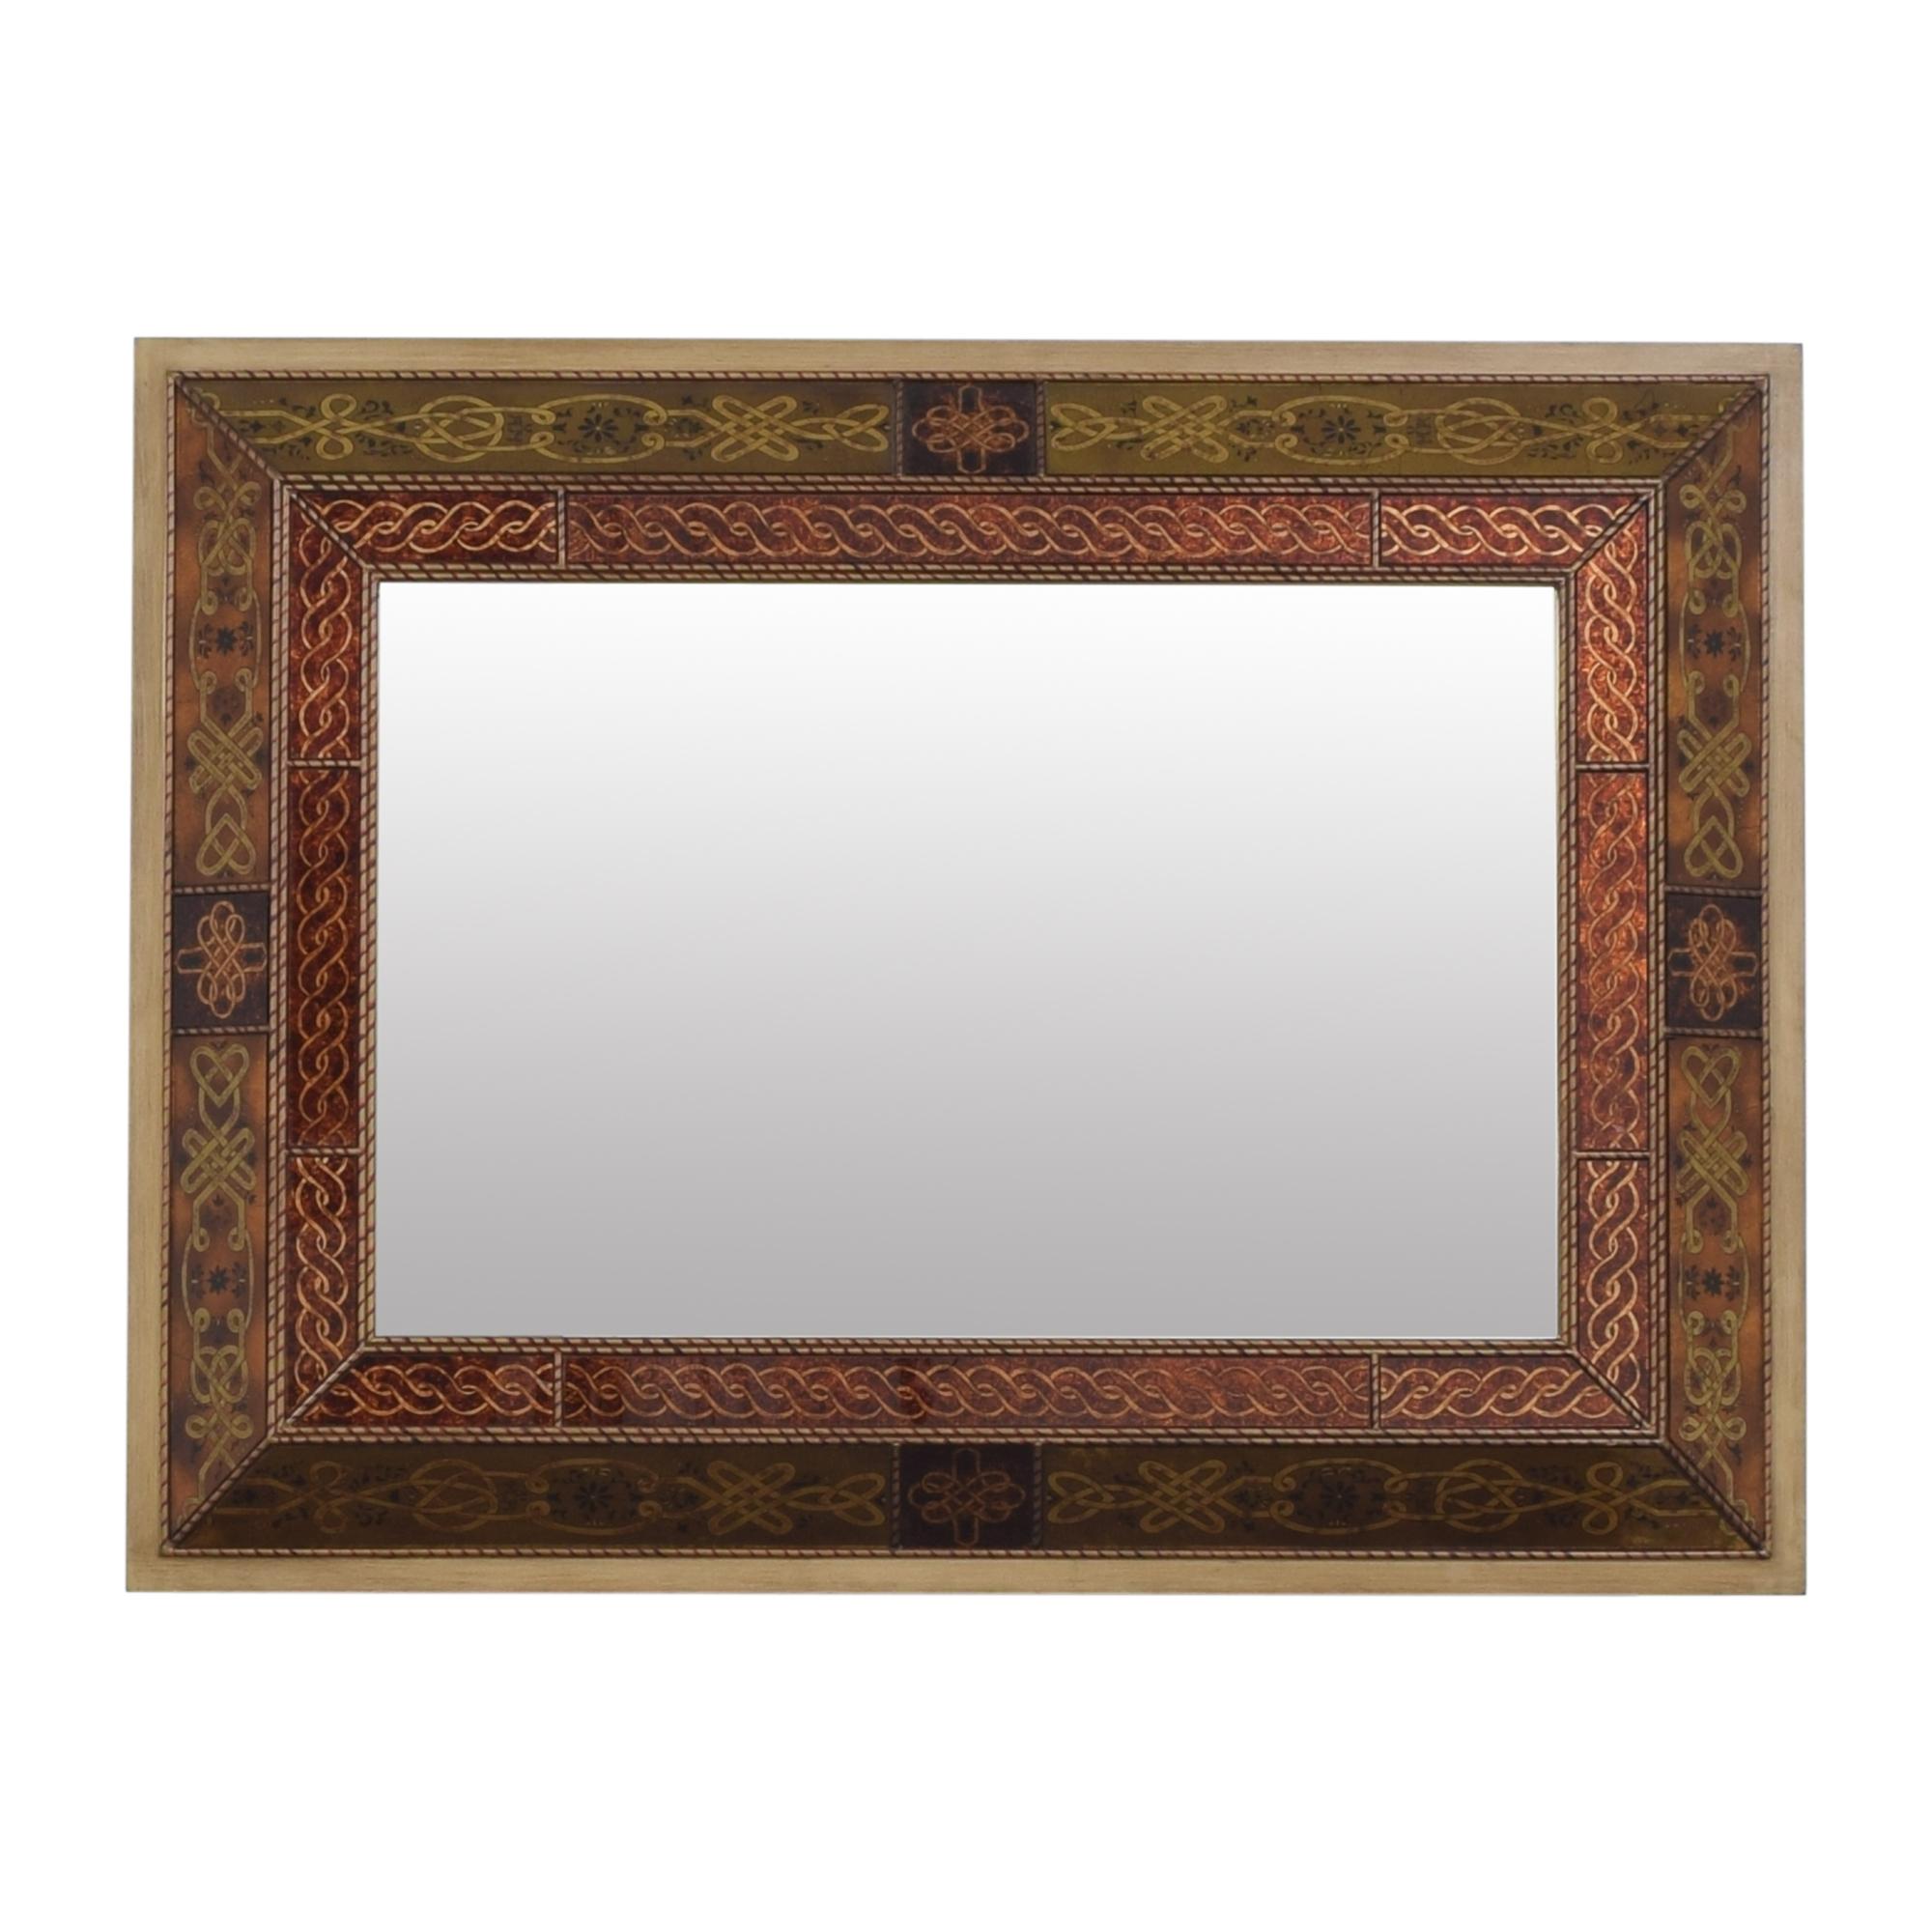 Bombay Company Bombay Company Montebello Wall Mirror price